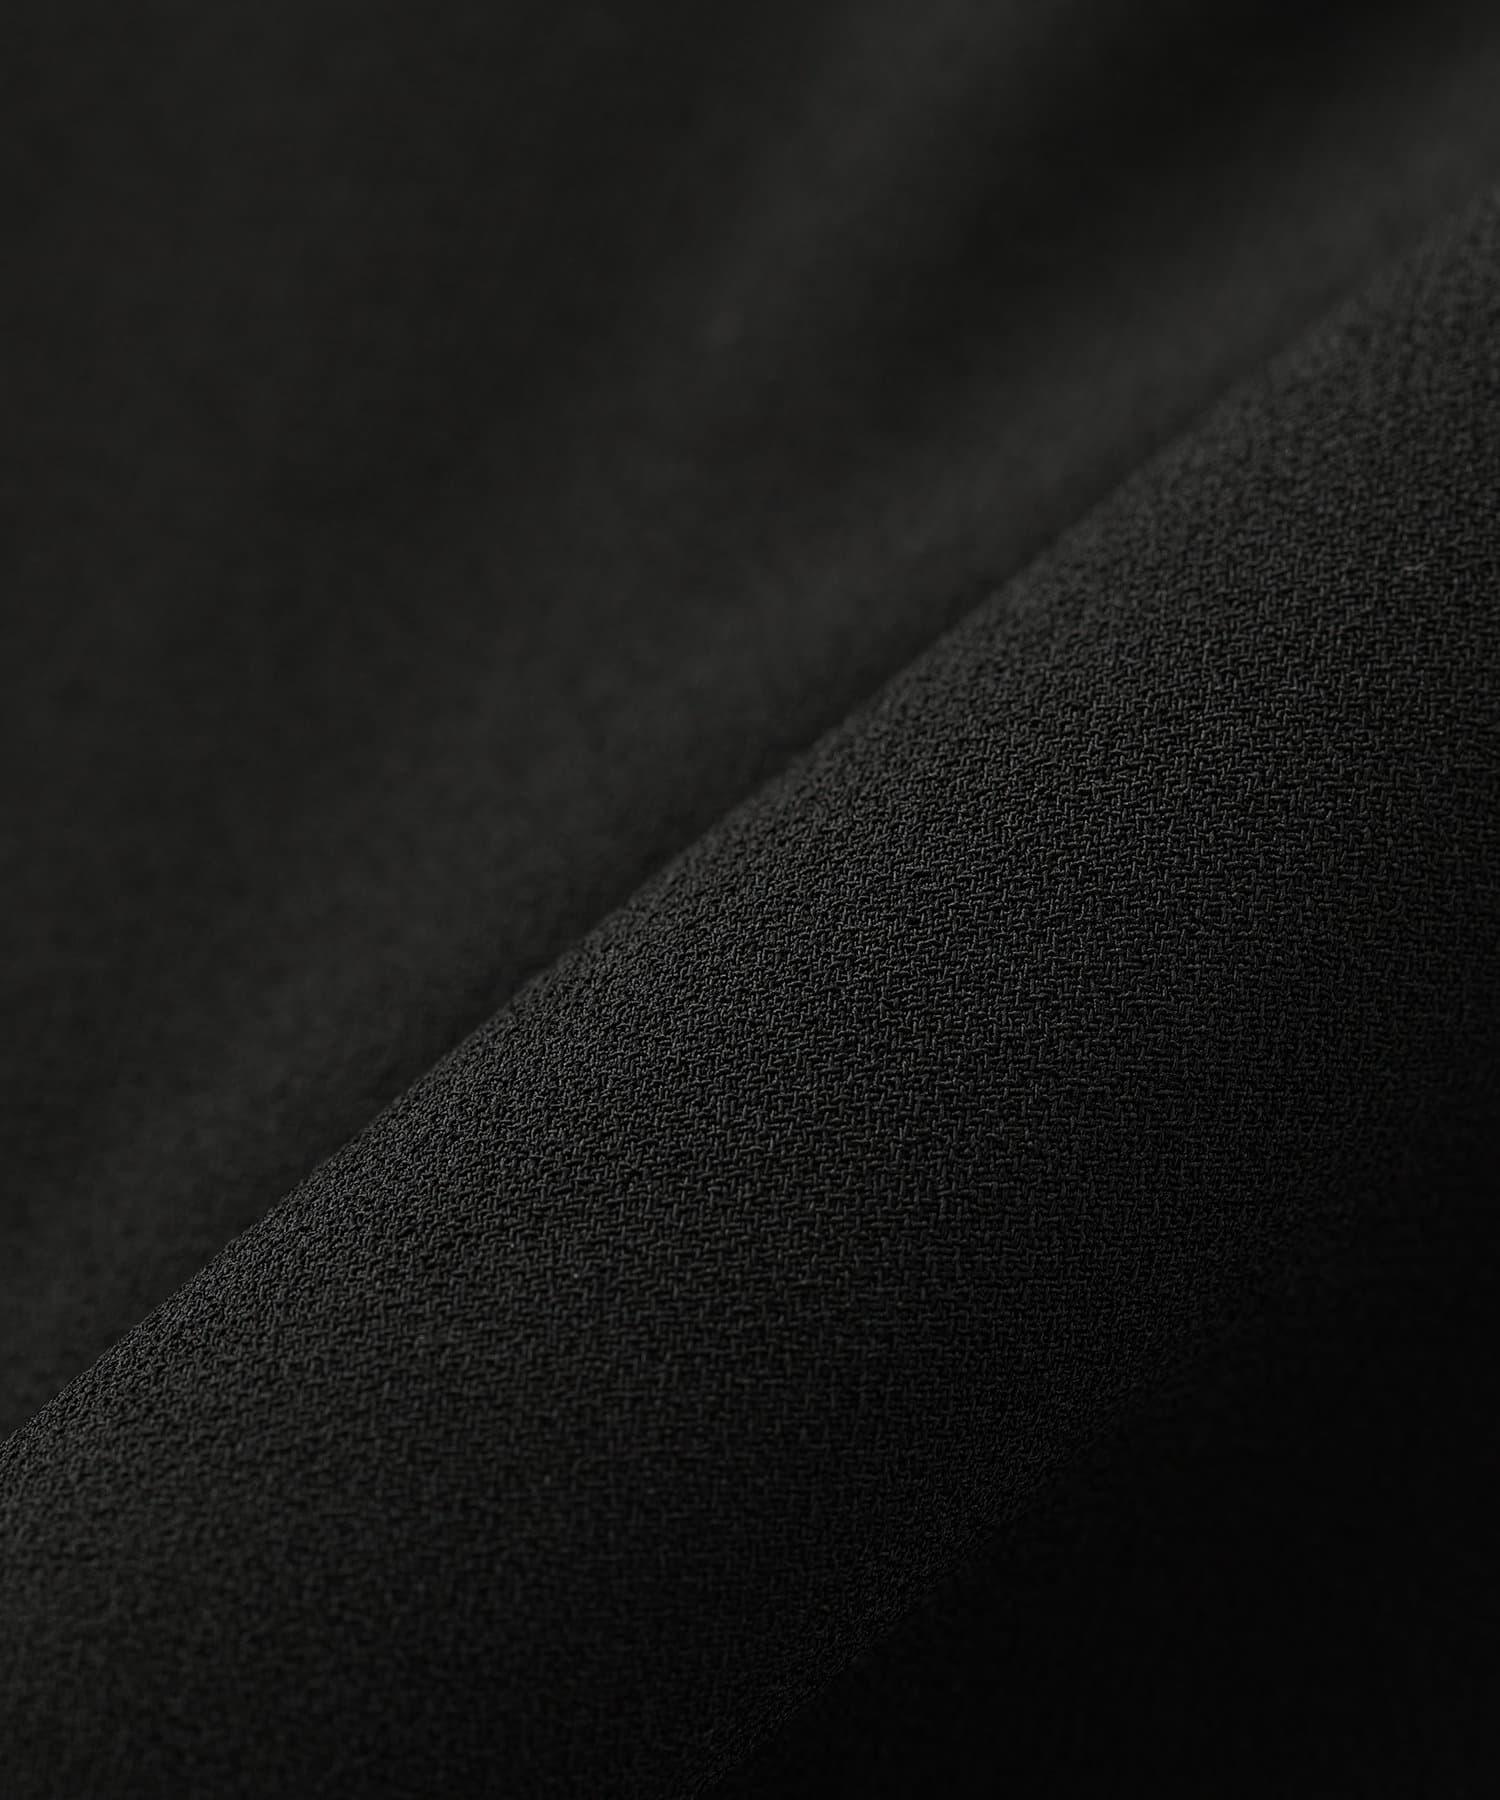 RIVE DROITE(リヴドロワ) 【FEMMENT(ファモン)】ベイカーパンツ